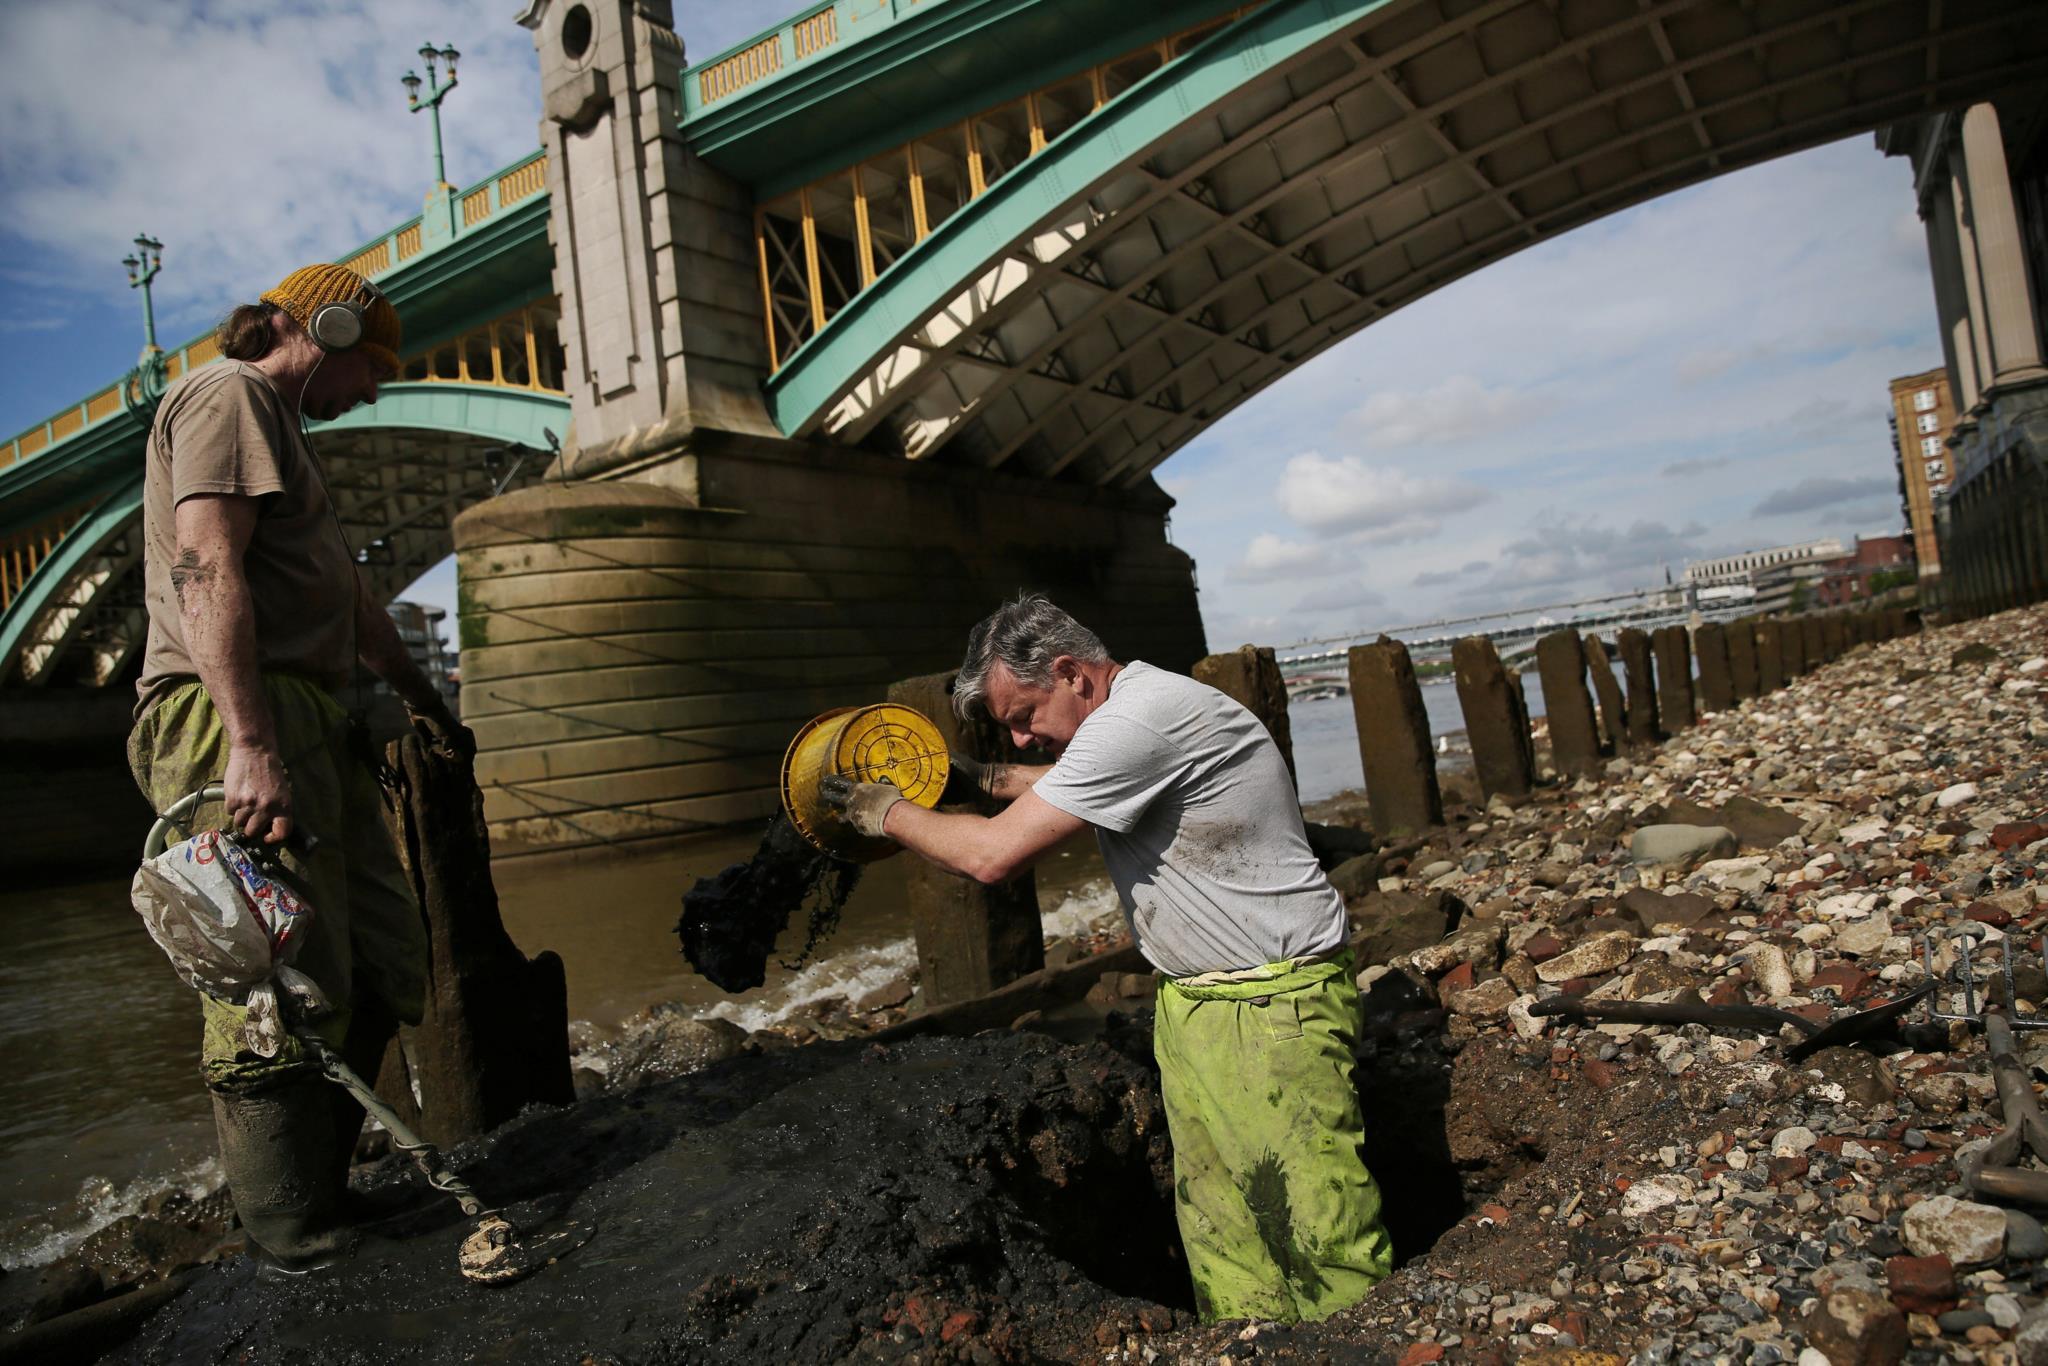 Se o detector der sinal, é preciso começar a escavar na lama das margens do rio